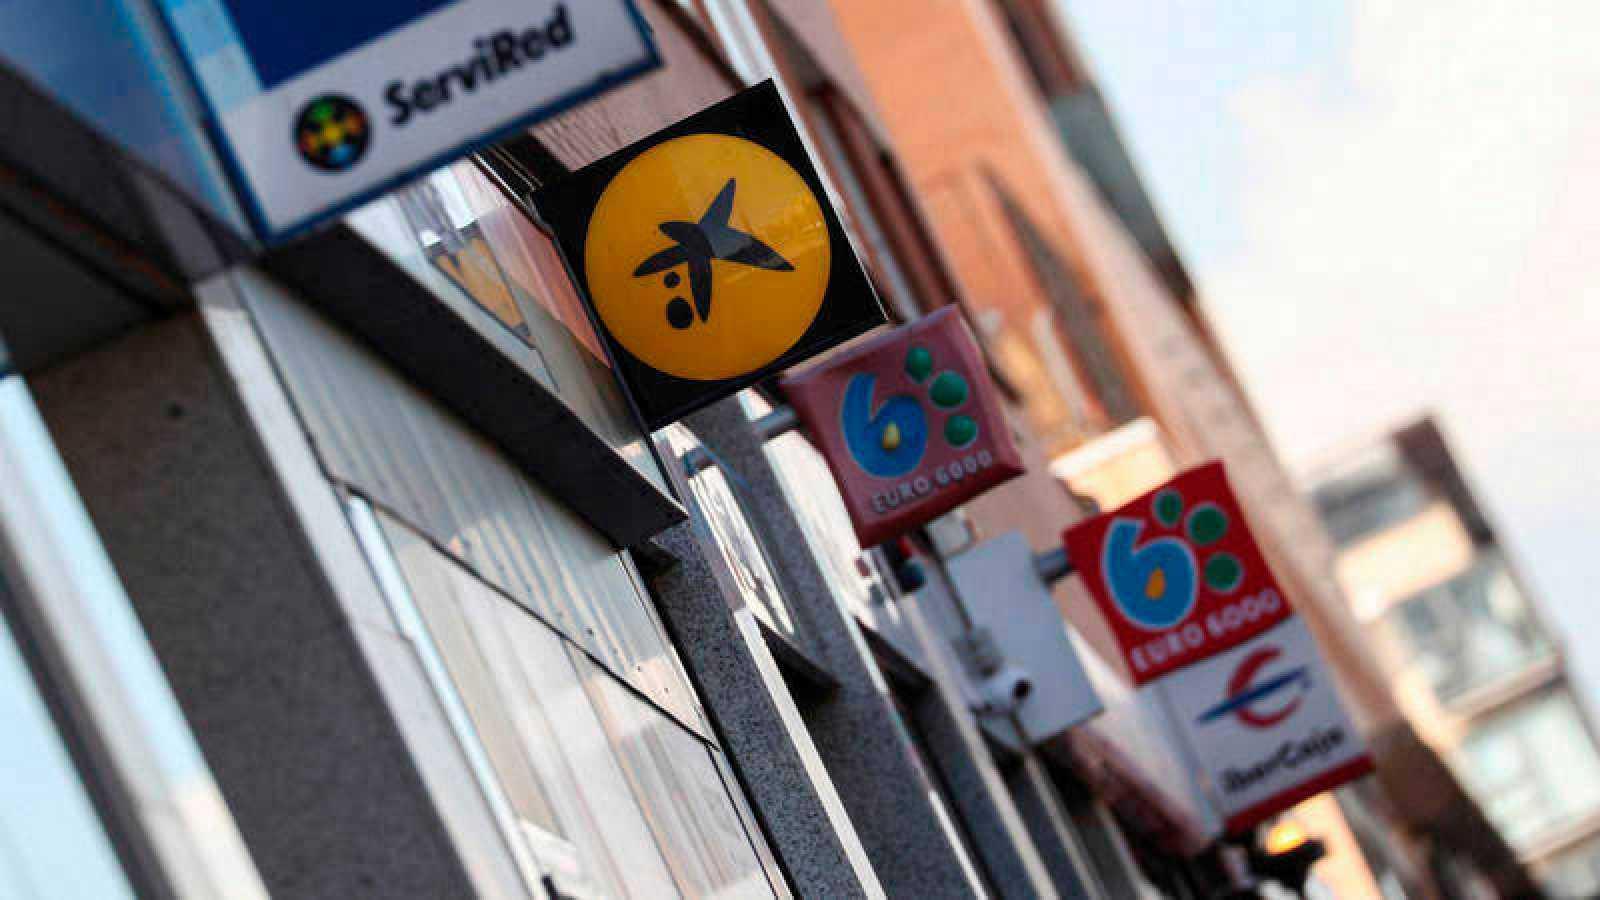 Antes de la crisis, en cada esquina había una sucursal y, a menudo, en la misma calle se contaban decenas de bancos distintos